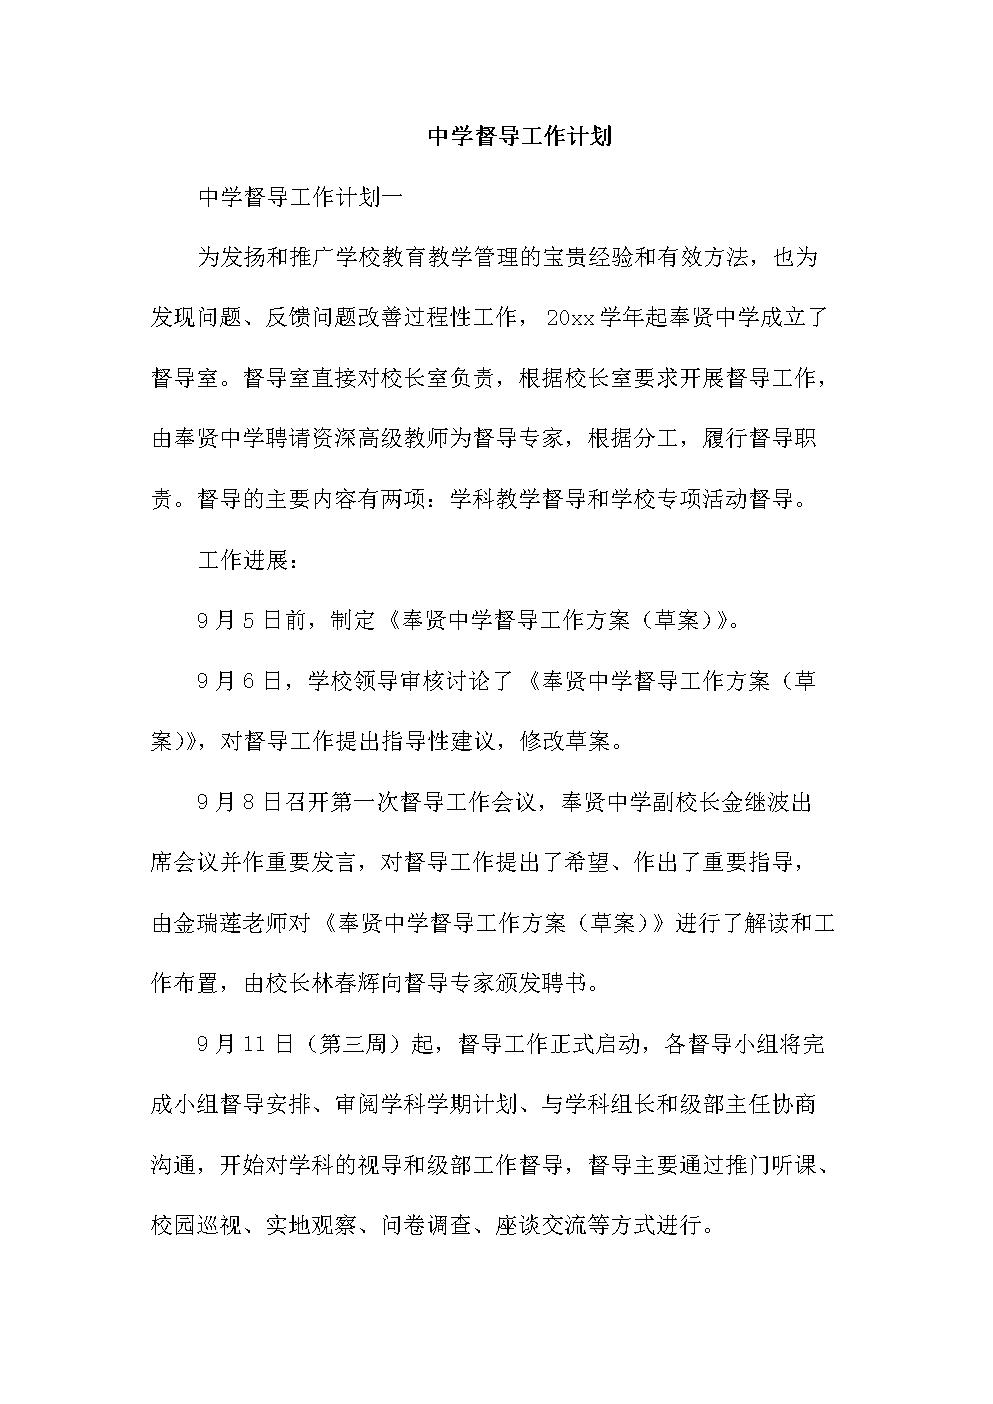 中学督导工作计划.docx